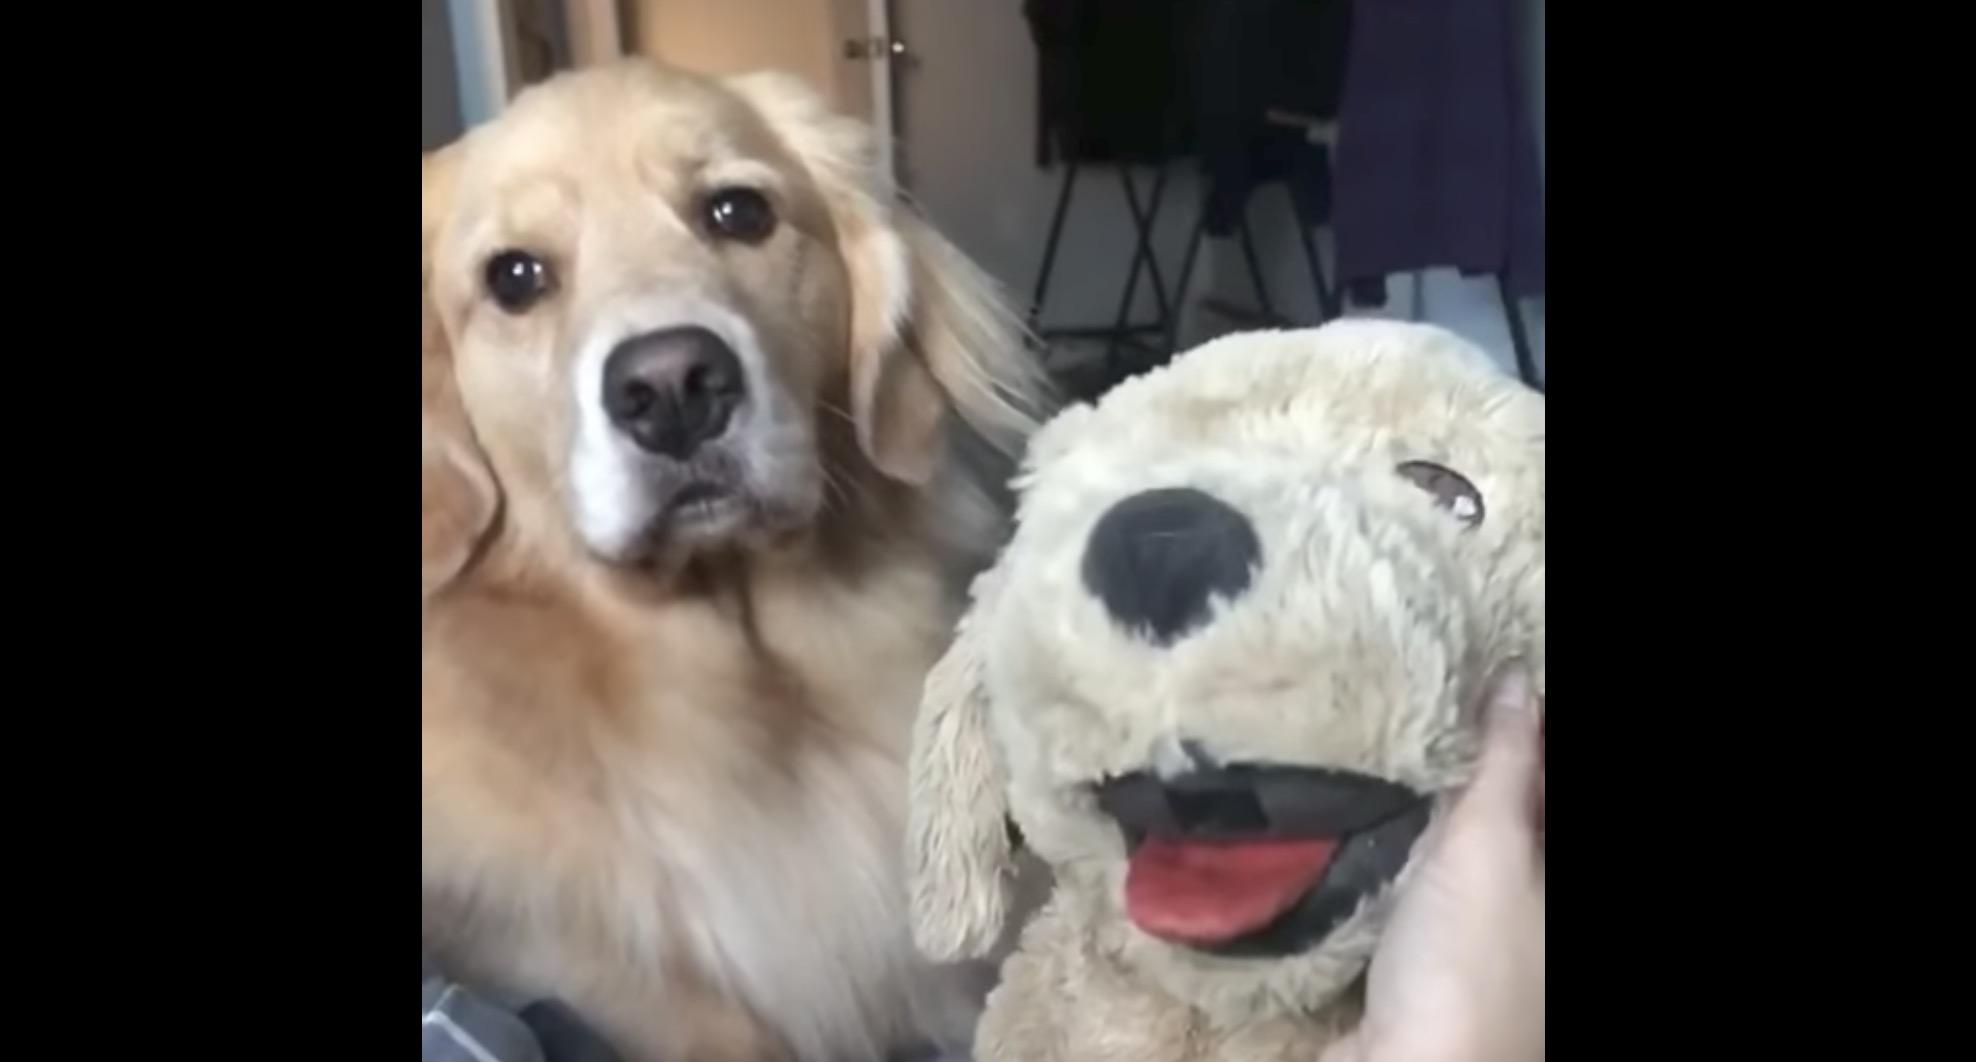 ぬいぐるみの犬を可愛がっていたら、飼い犬が嫉妬してブチギレた笑